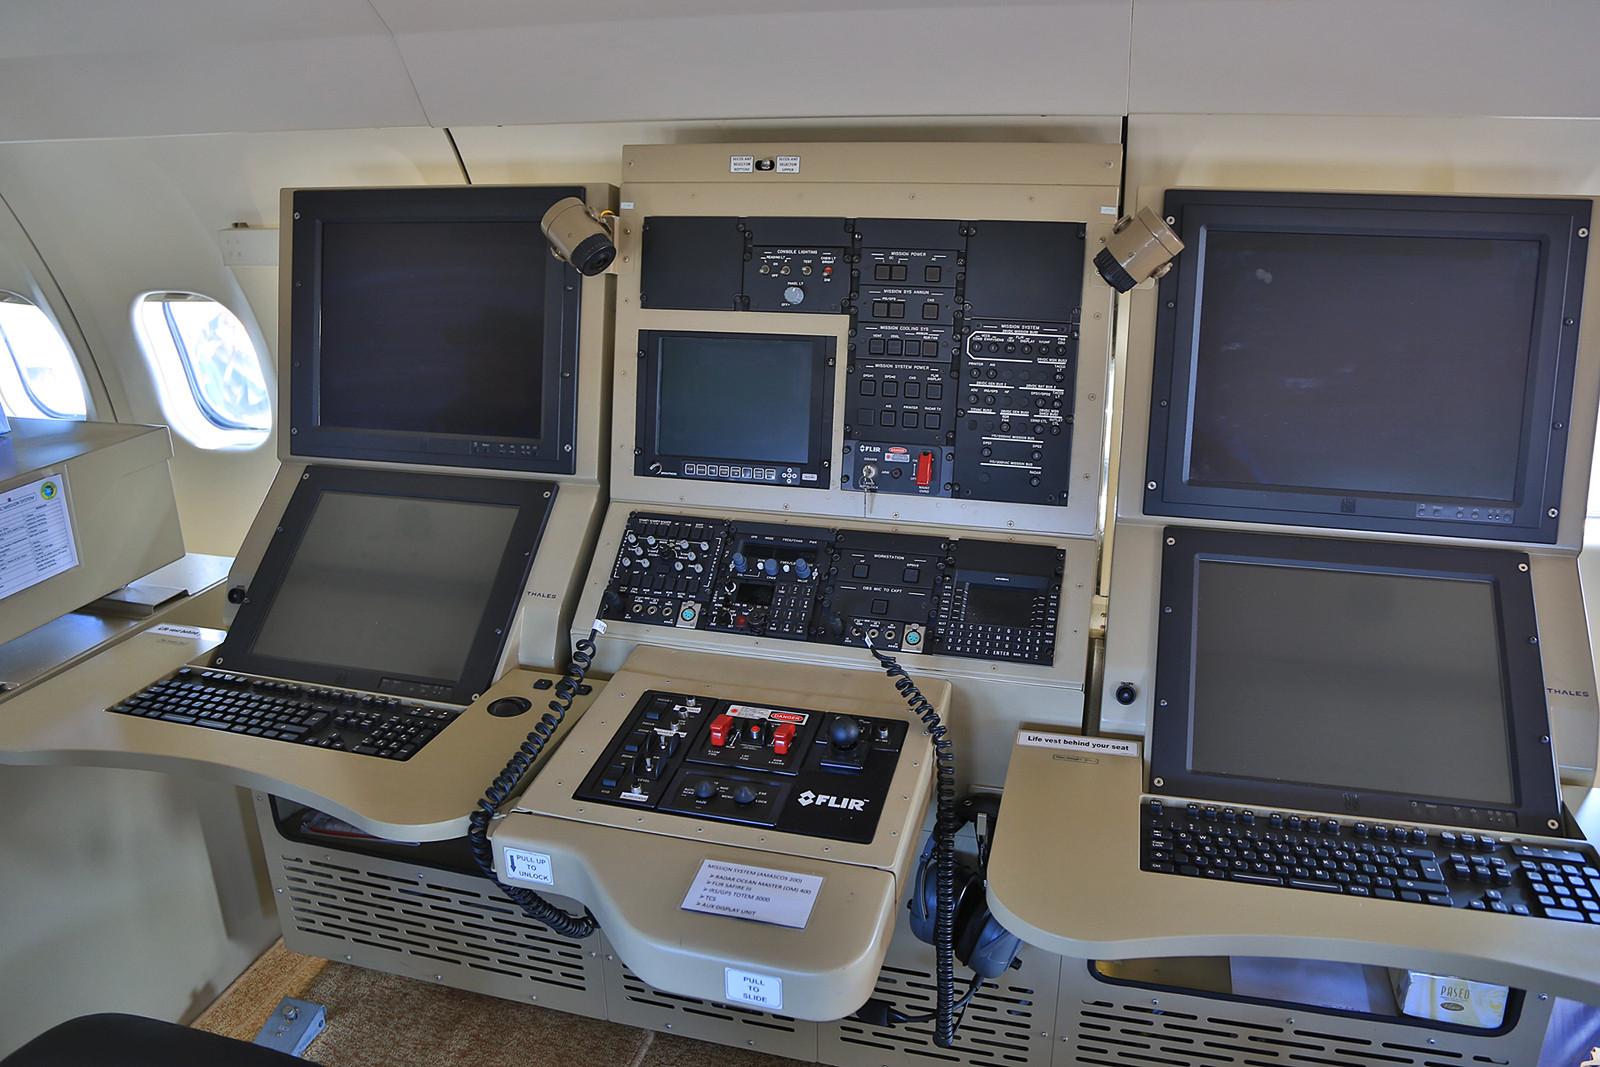 Der Arbeitsplatz der Operator in der CASA.